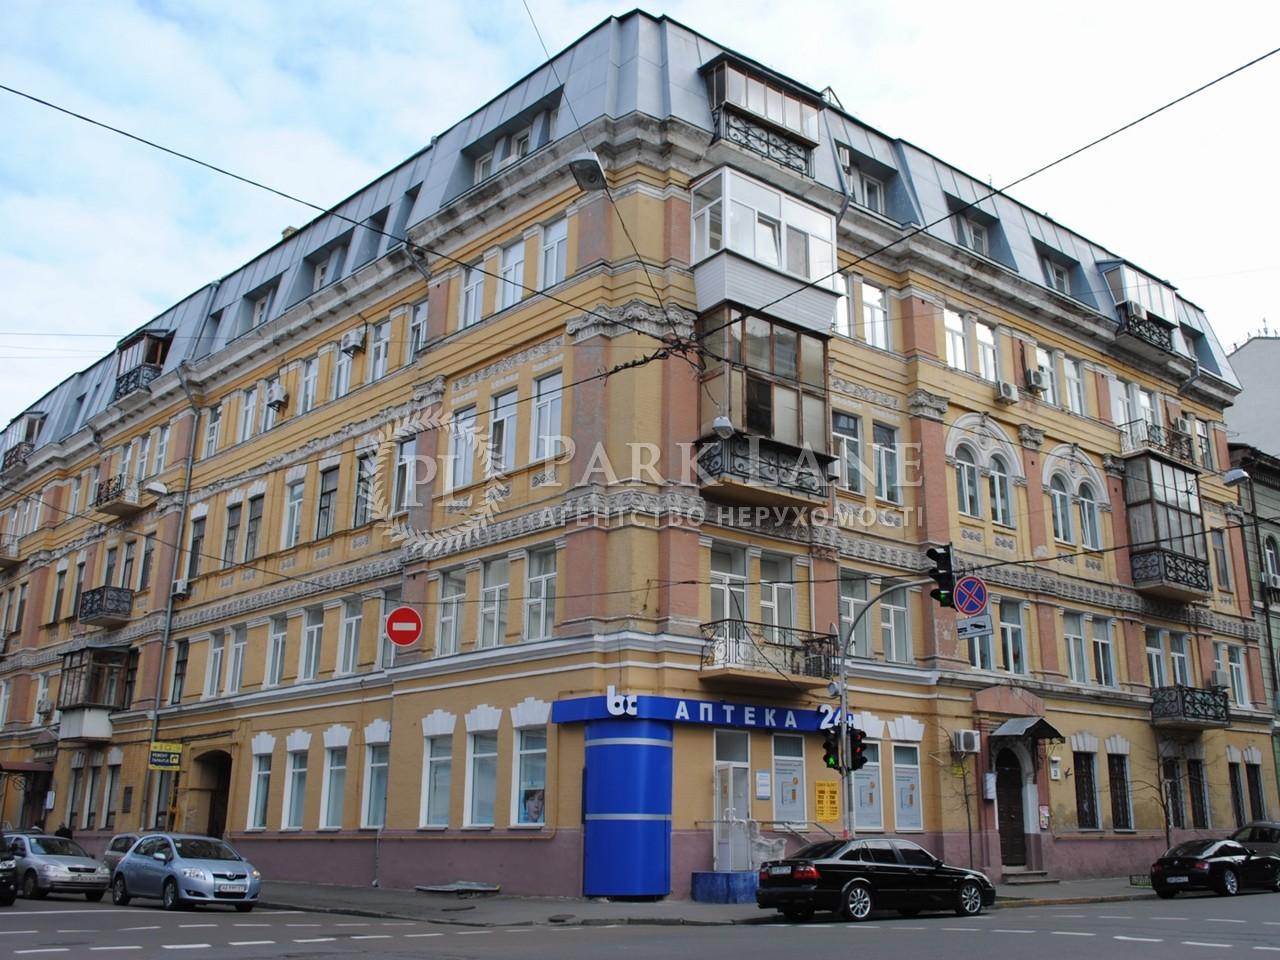 Квартира ул. Ярославов Вал, 28, Киев, C-36190 - Фото 1